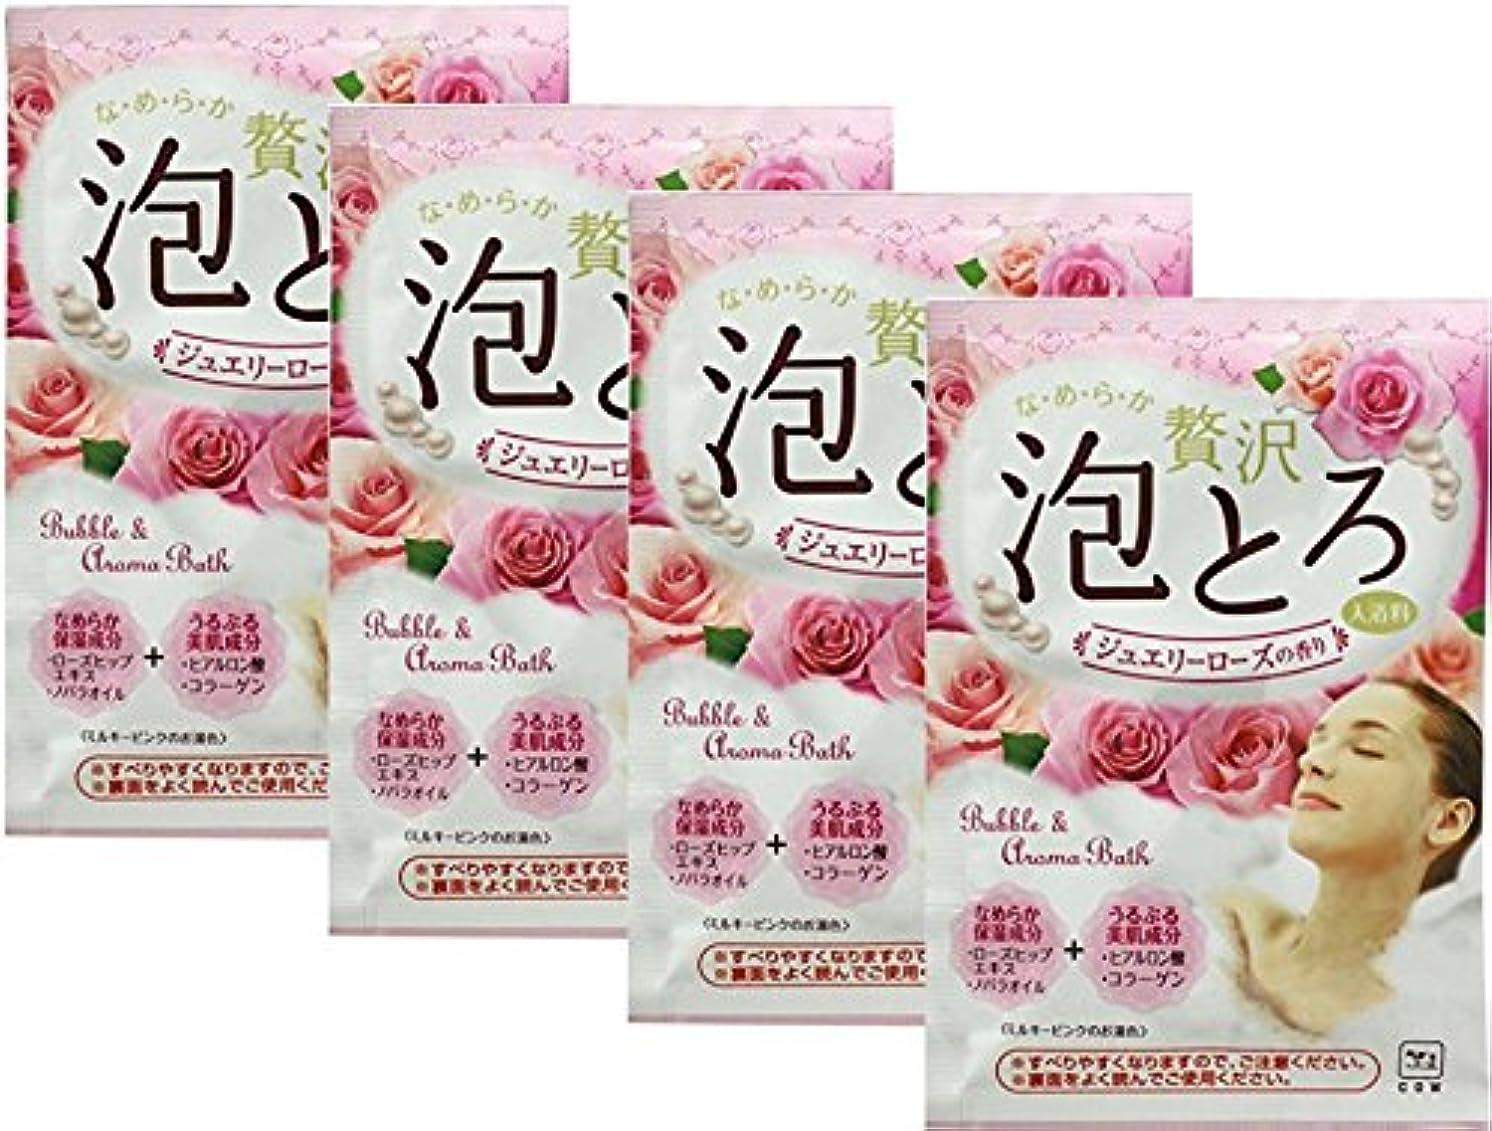 フルーティー慢飼料牛乳石鹸共進社 贅沢泡とろ 入浴料 ジュエリーローズの香り 30g 【4点セット】